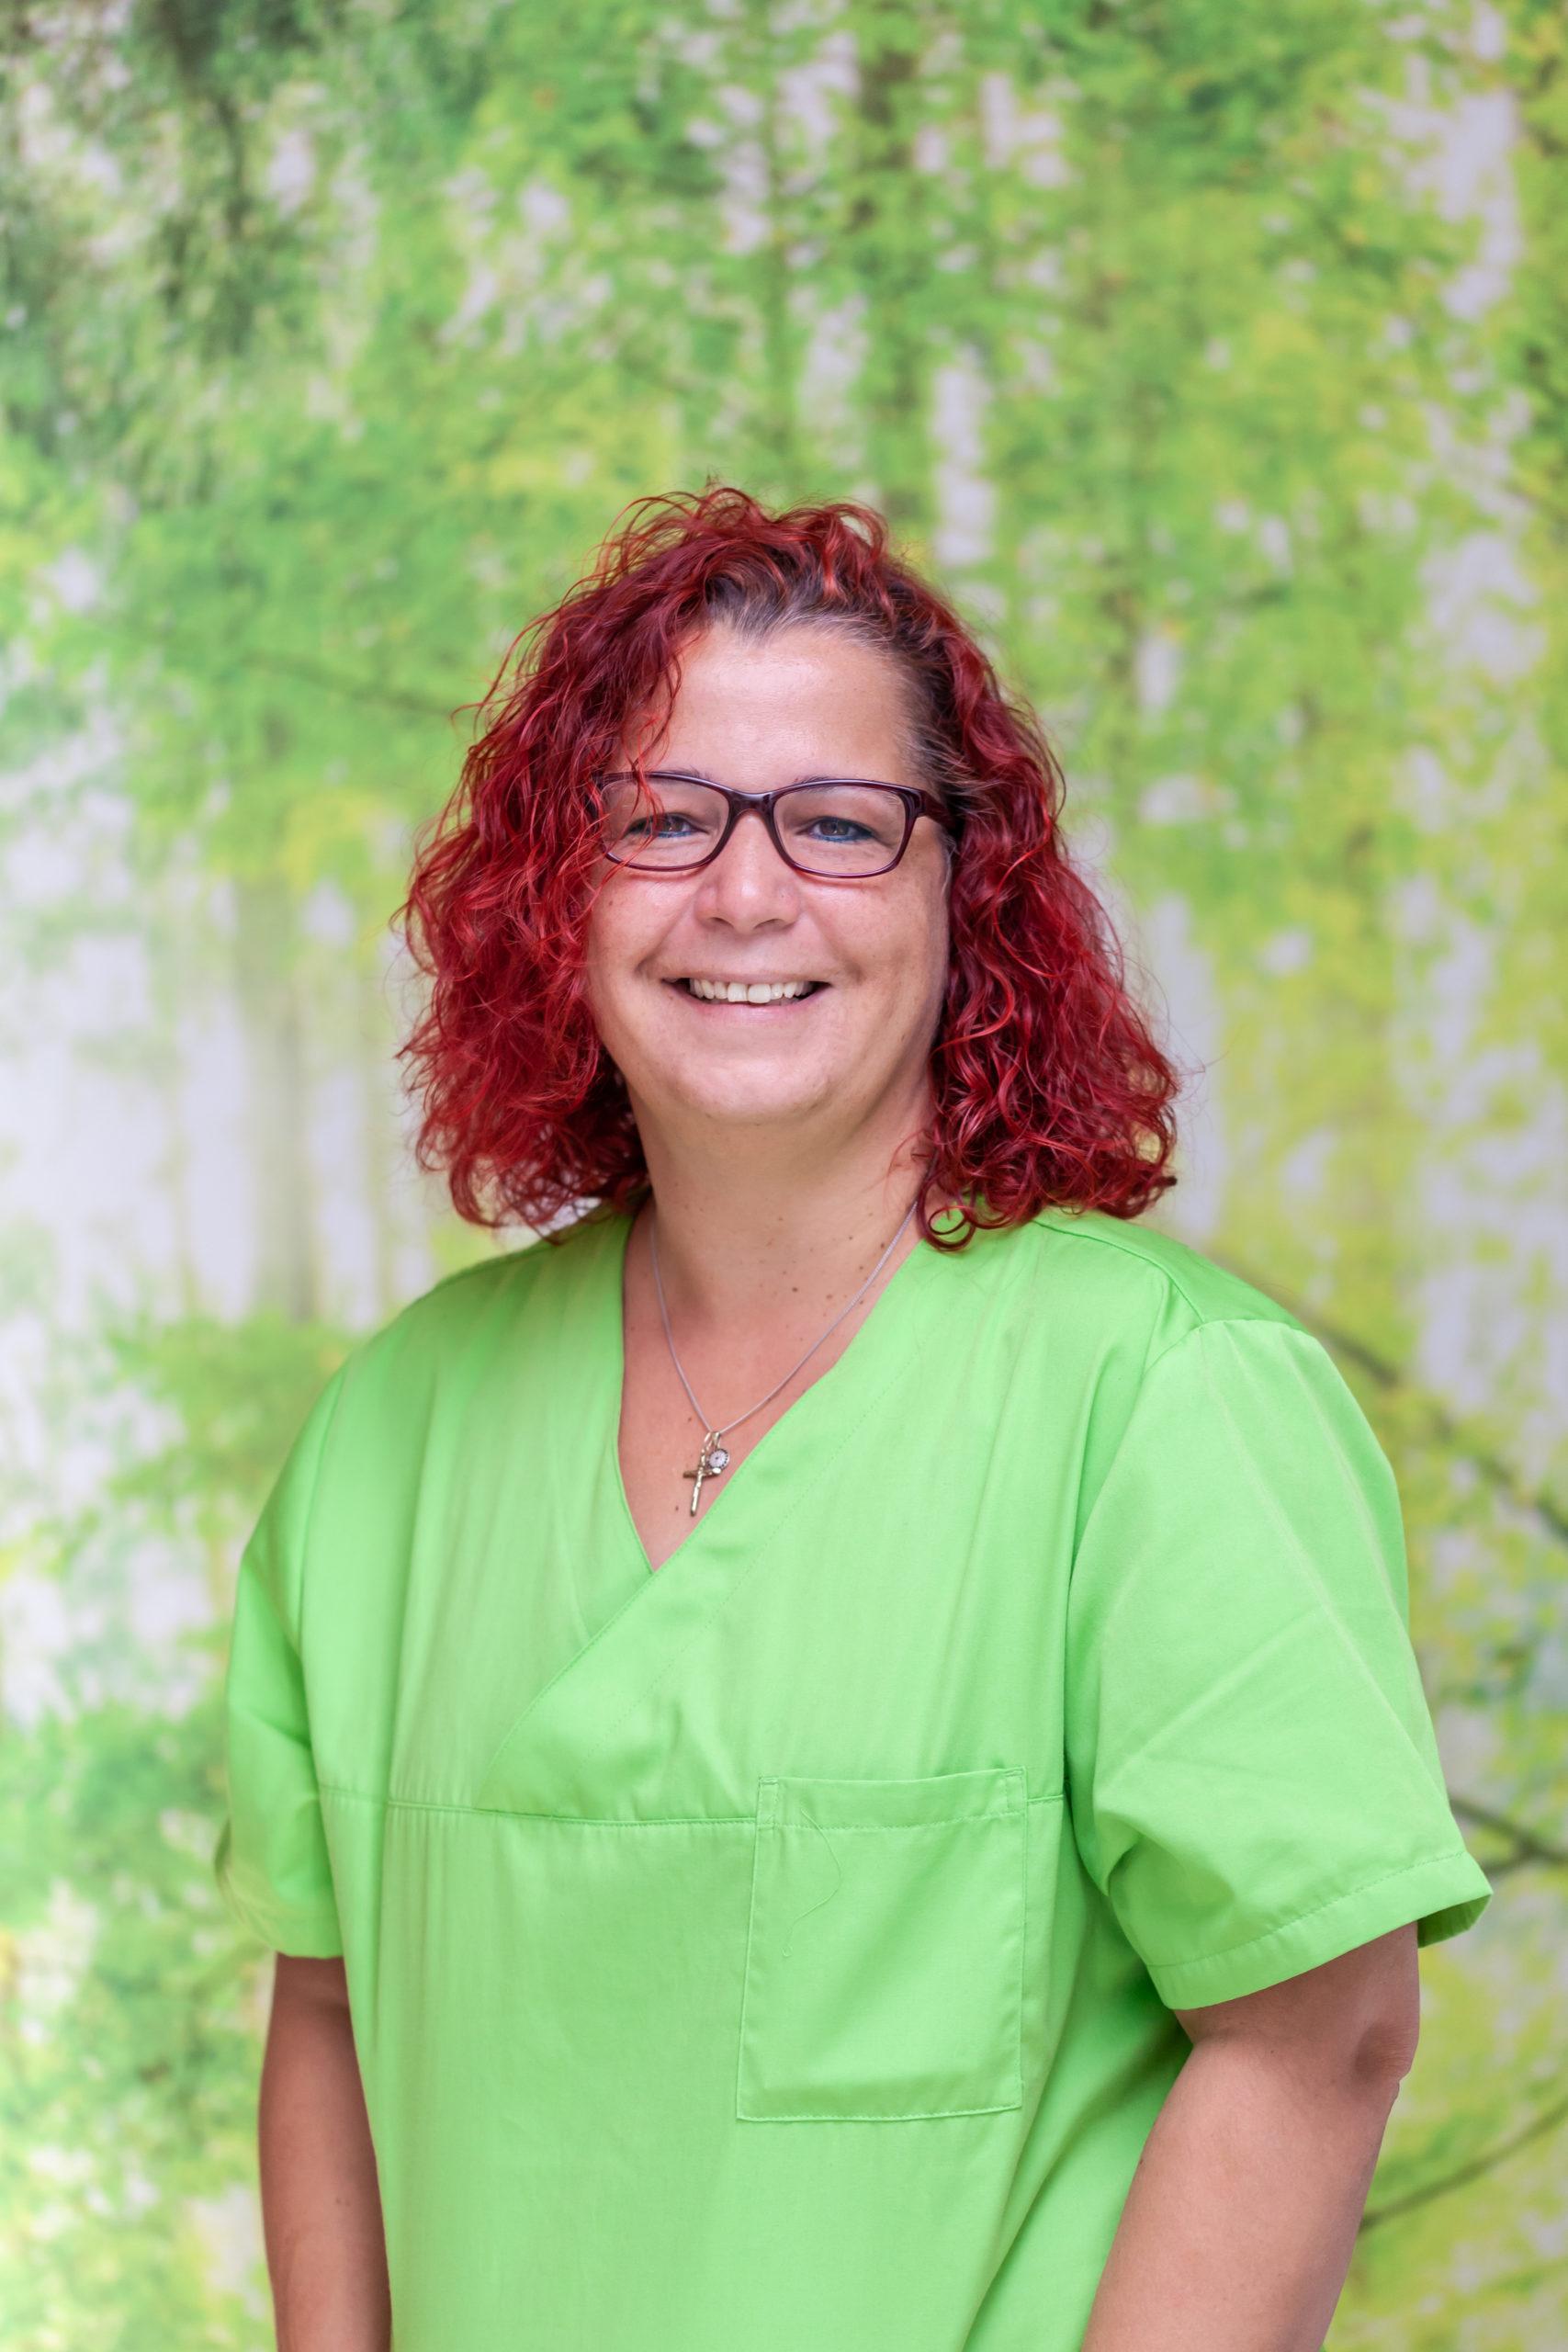 Daniela Rülke-Paust